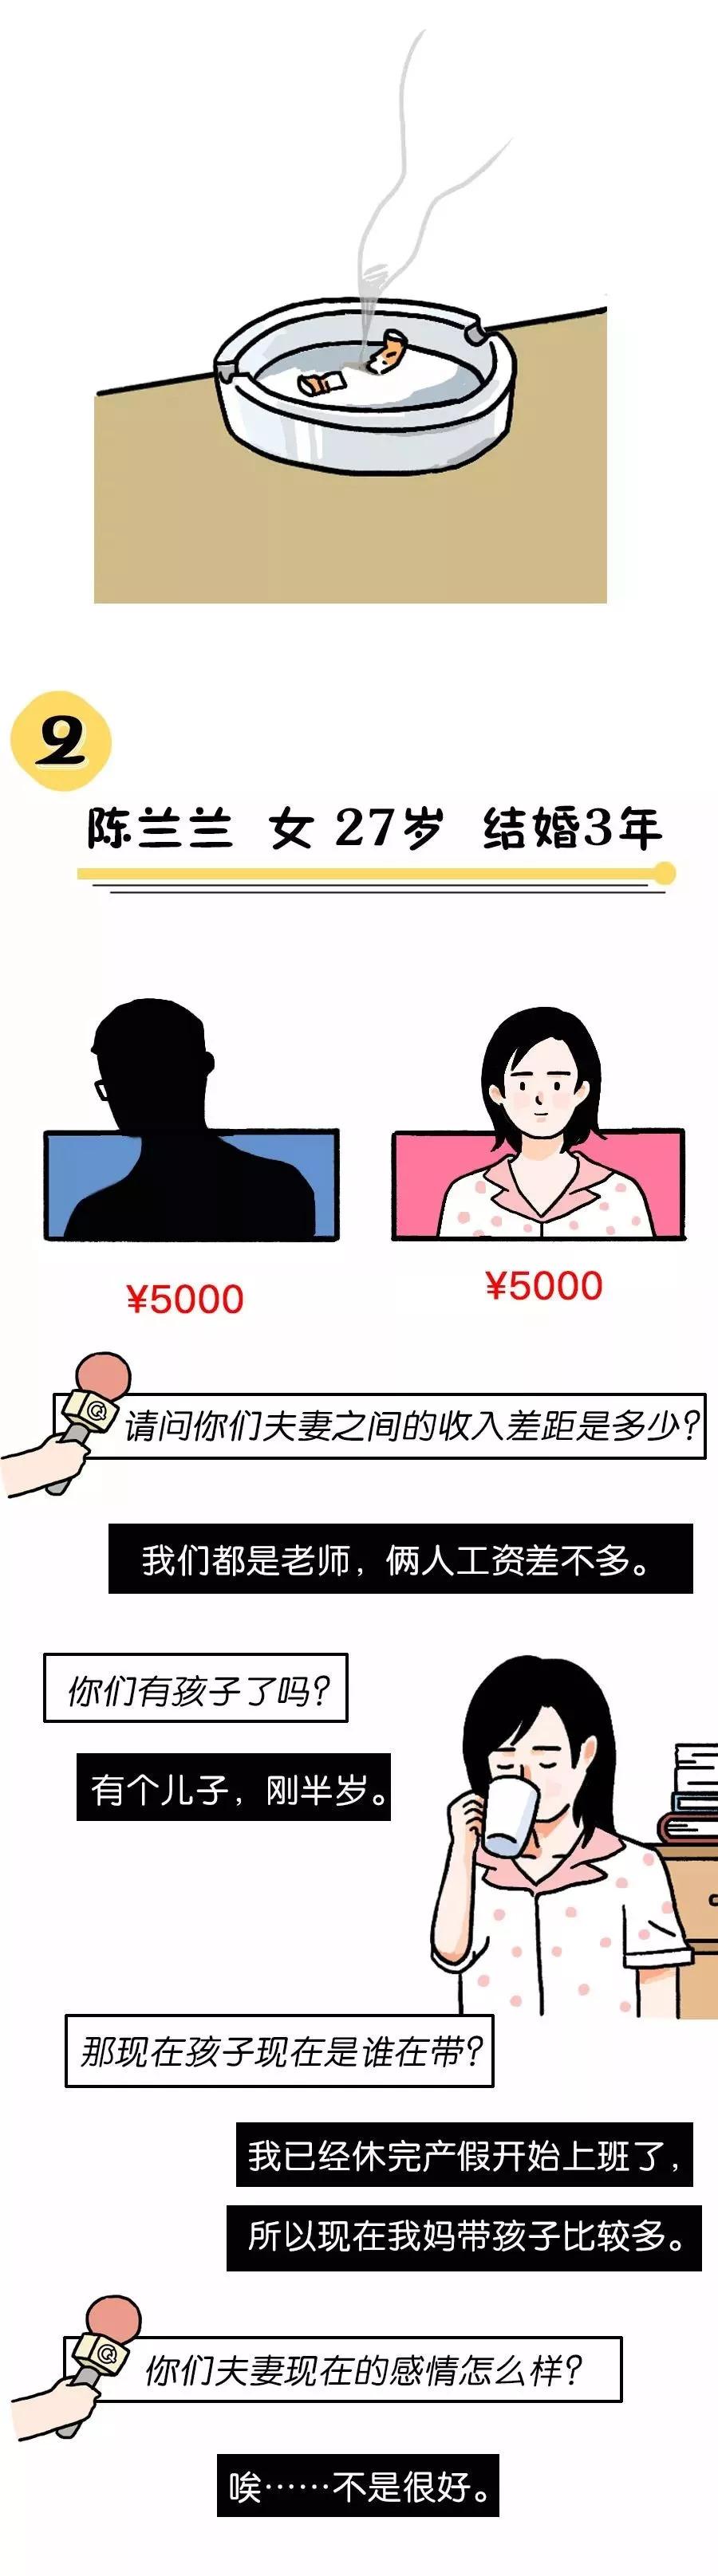 美高梅手机版官方网站 10